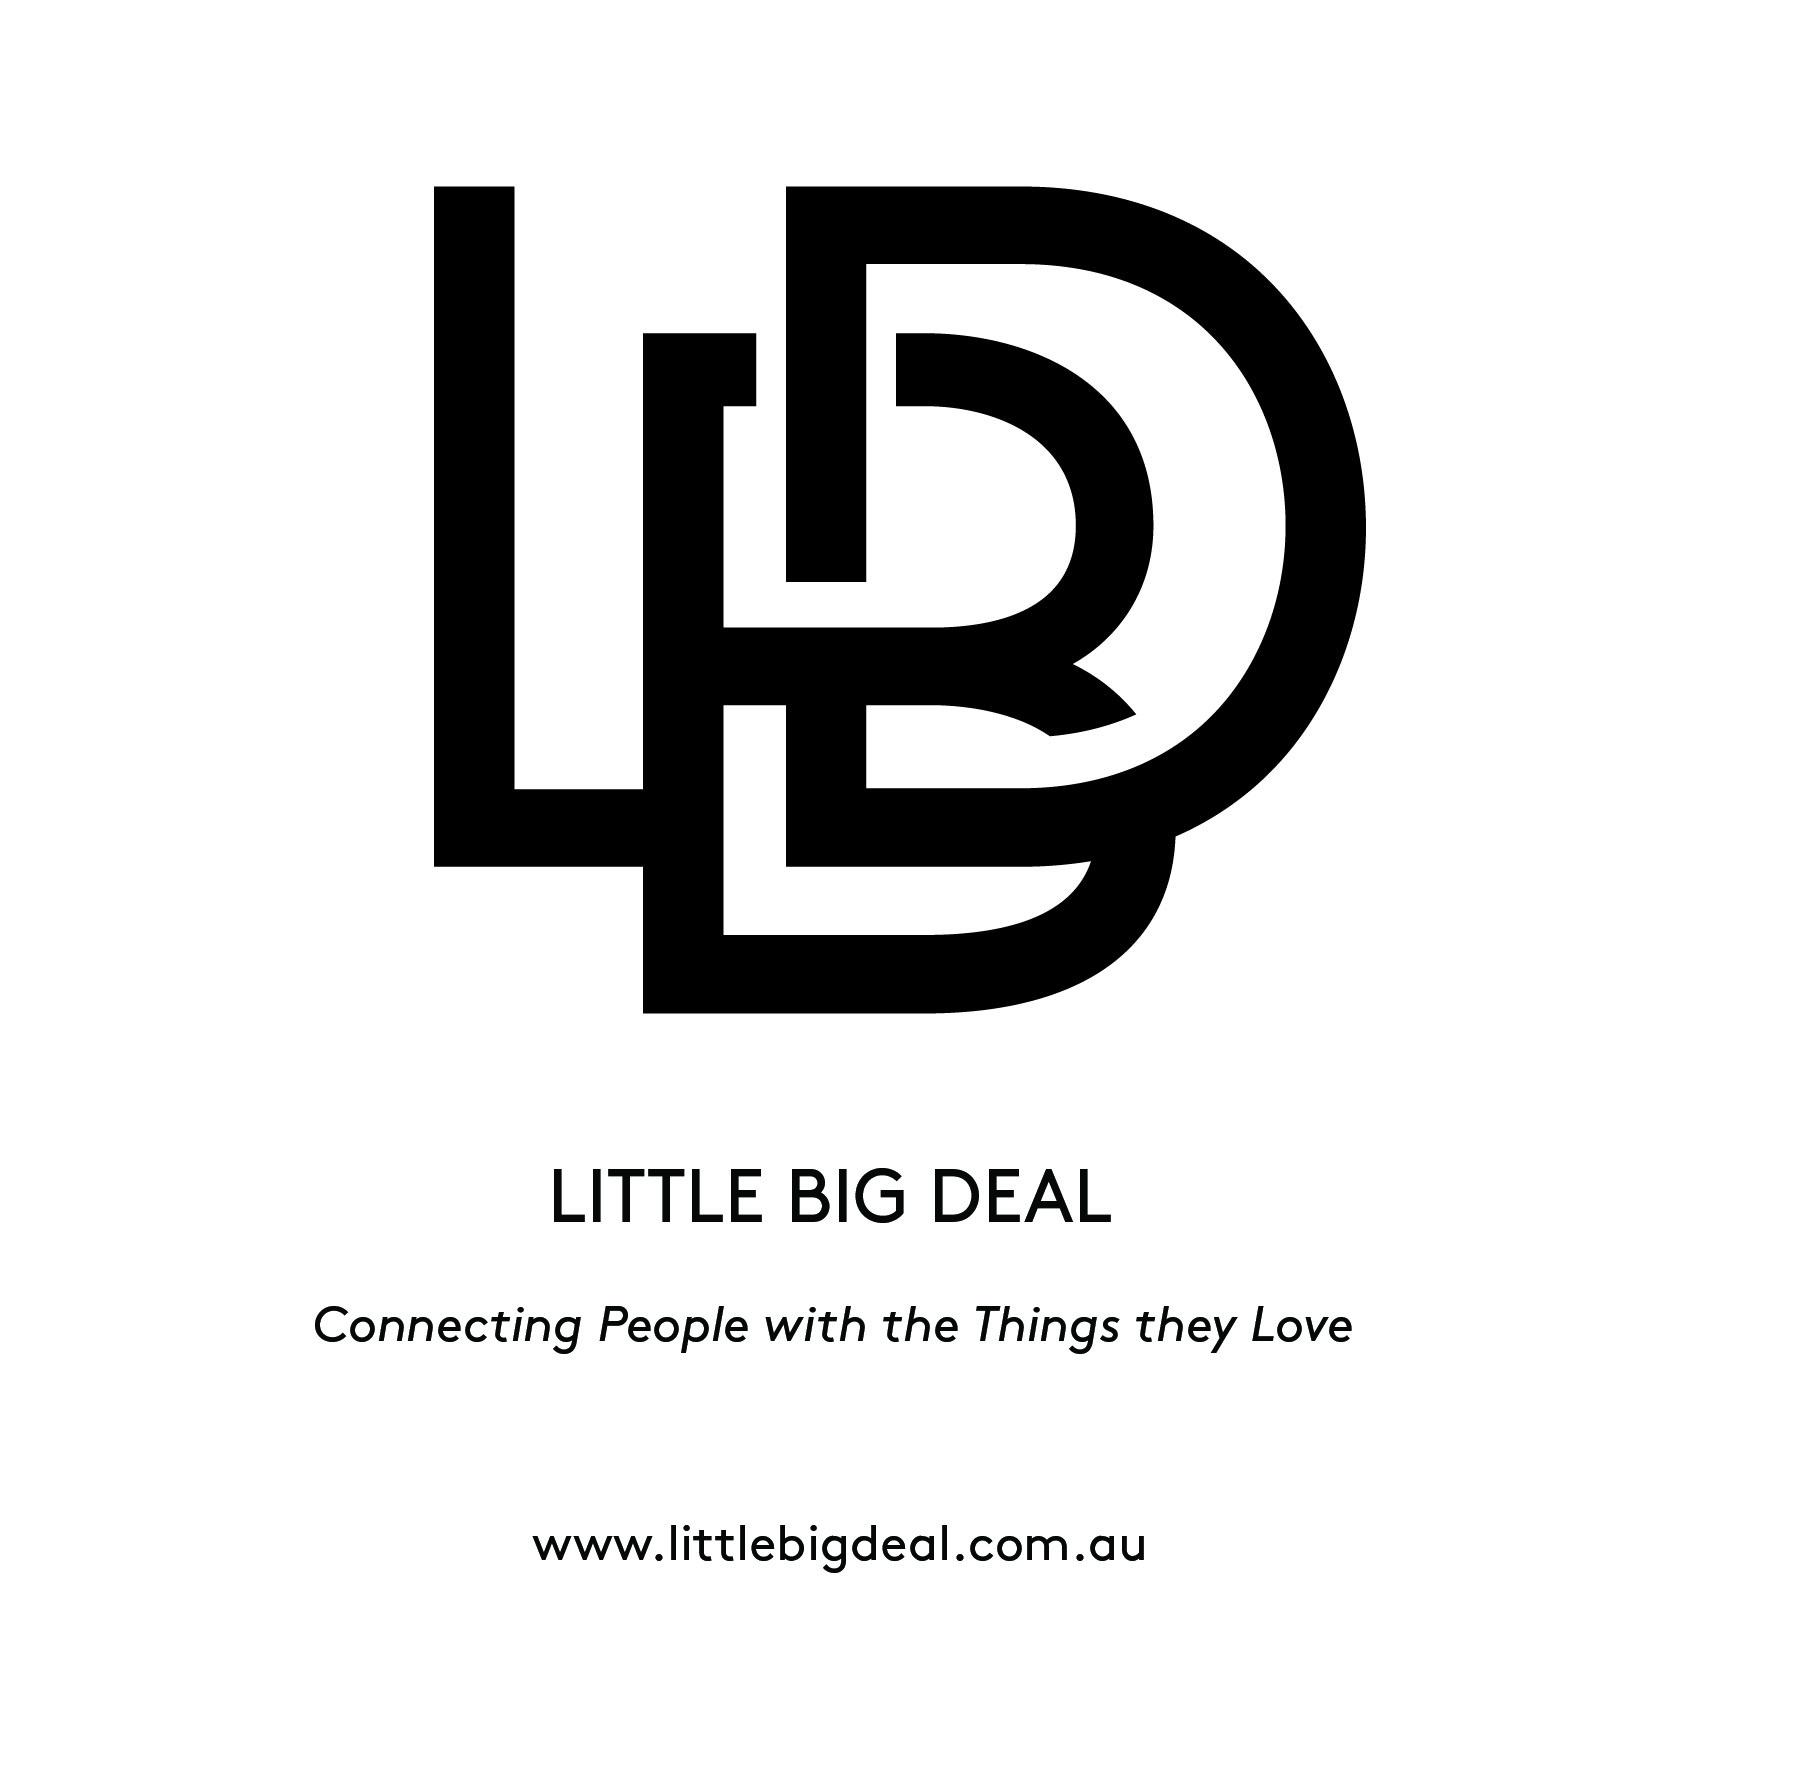 Little_Big_Deal15-2_all.jpg